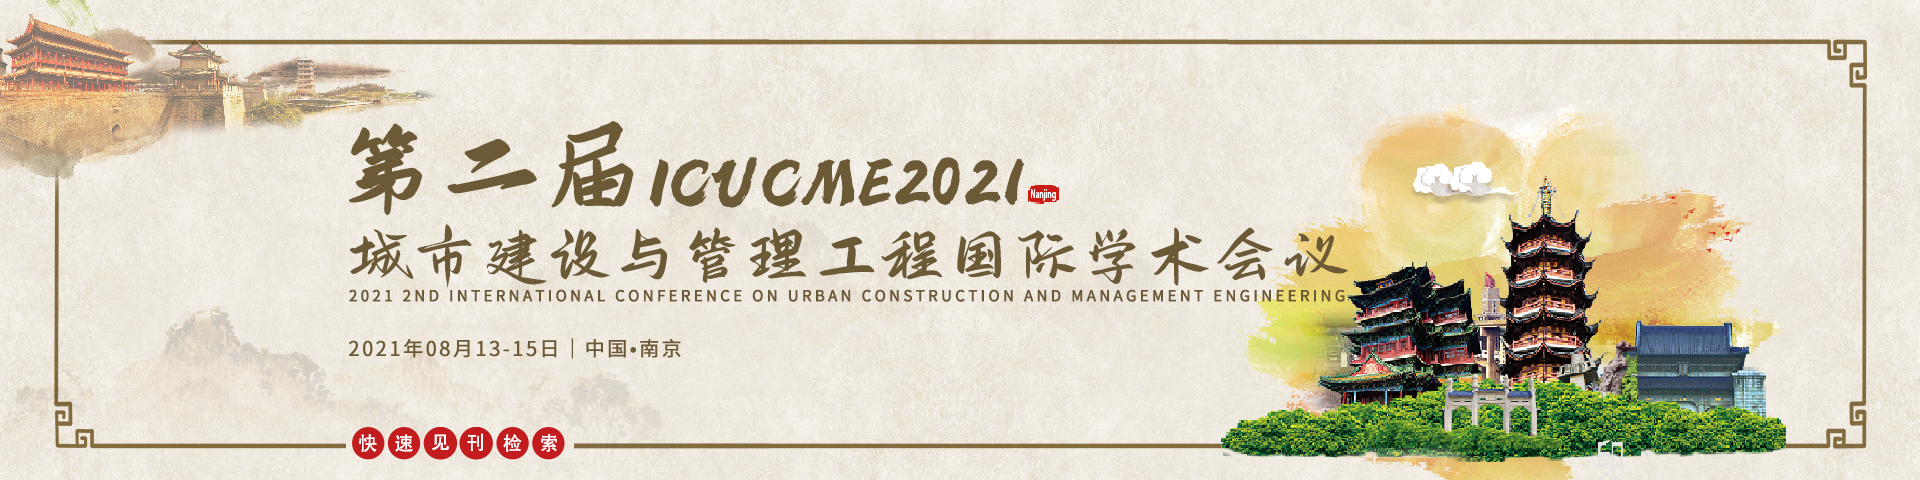 8月南京ICUCME 2021-会议艾思banner-何雪仪-20210207.png